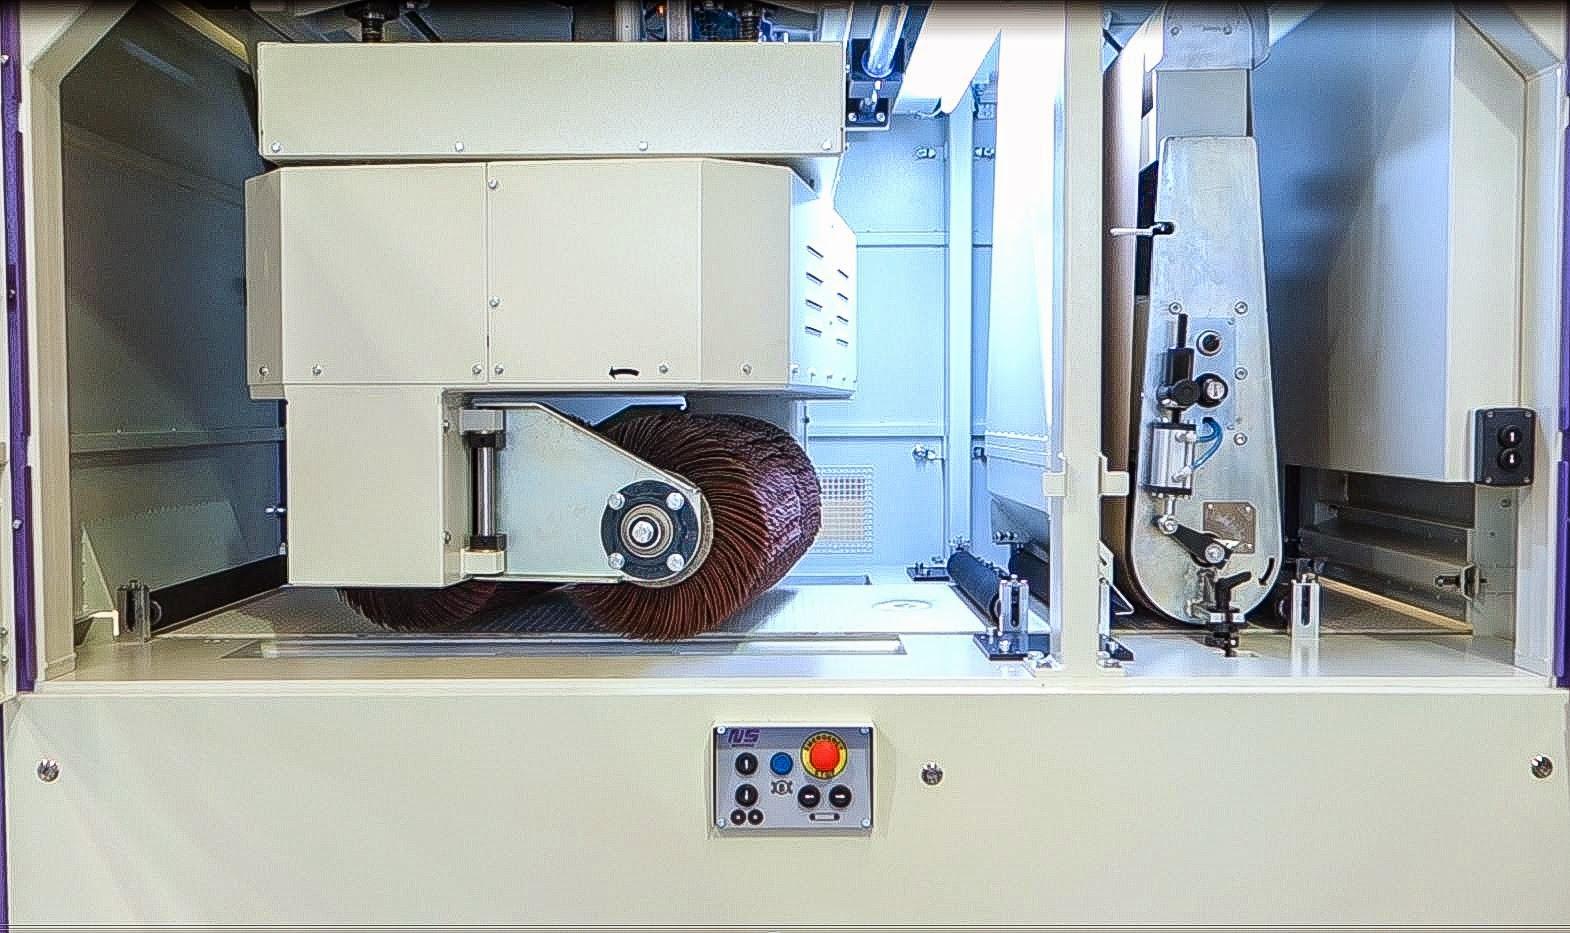 Tube Polishing Amp Tube Finishing Machines Dm660 Zpk Laser